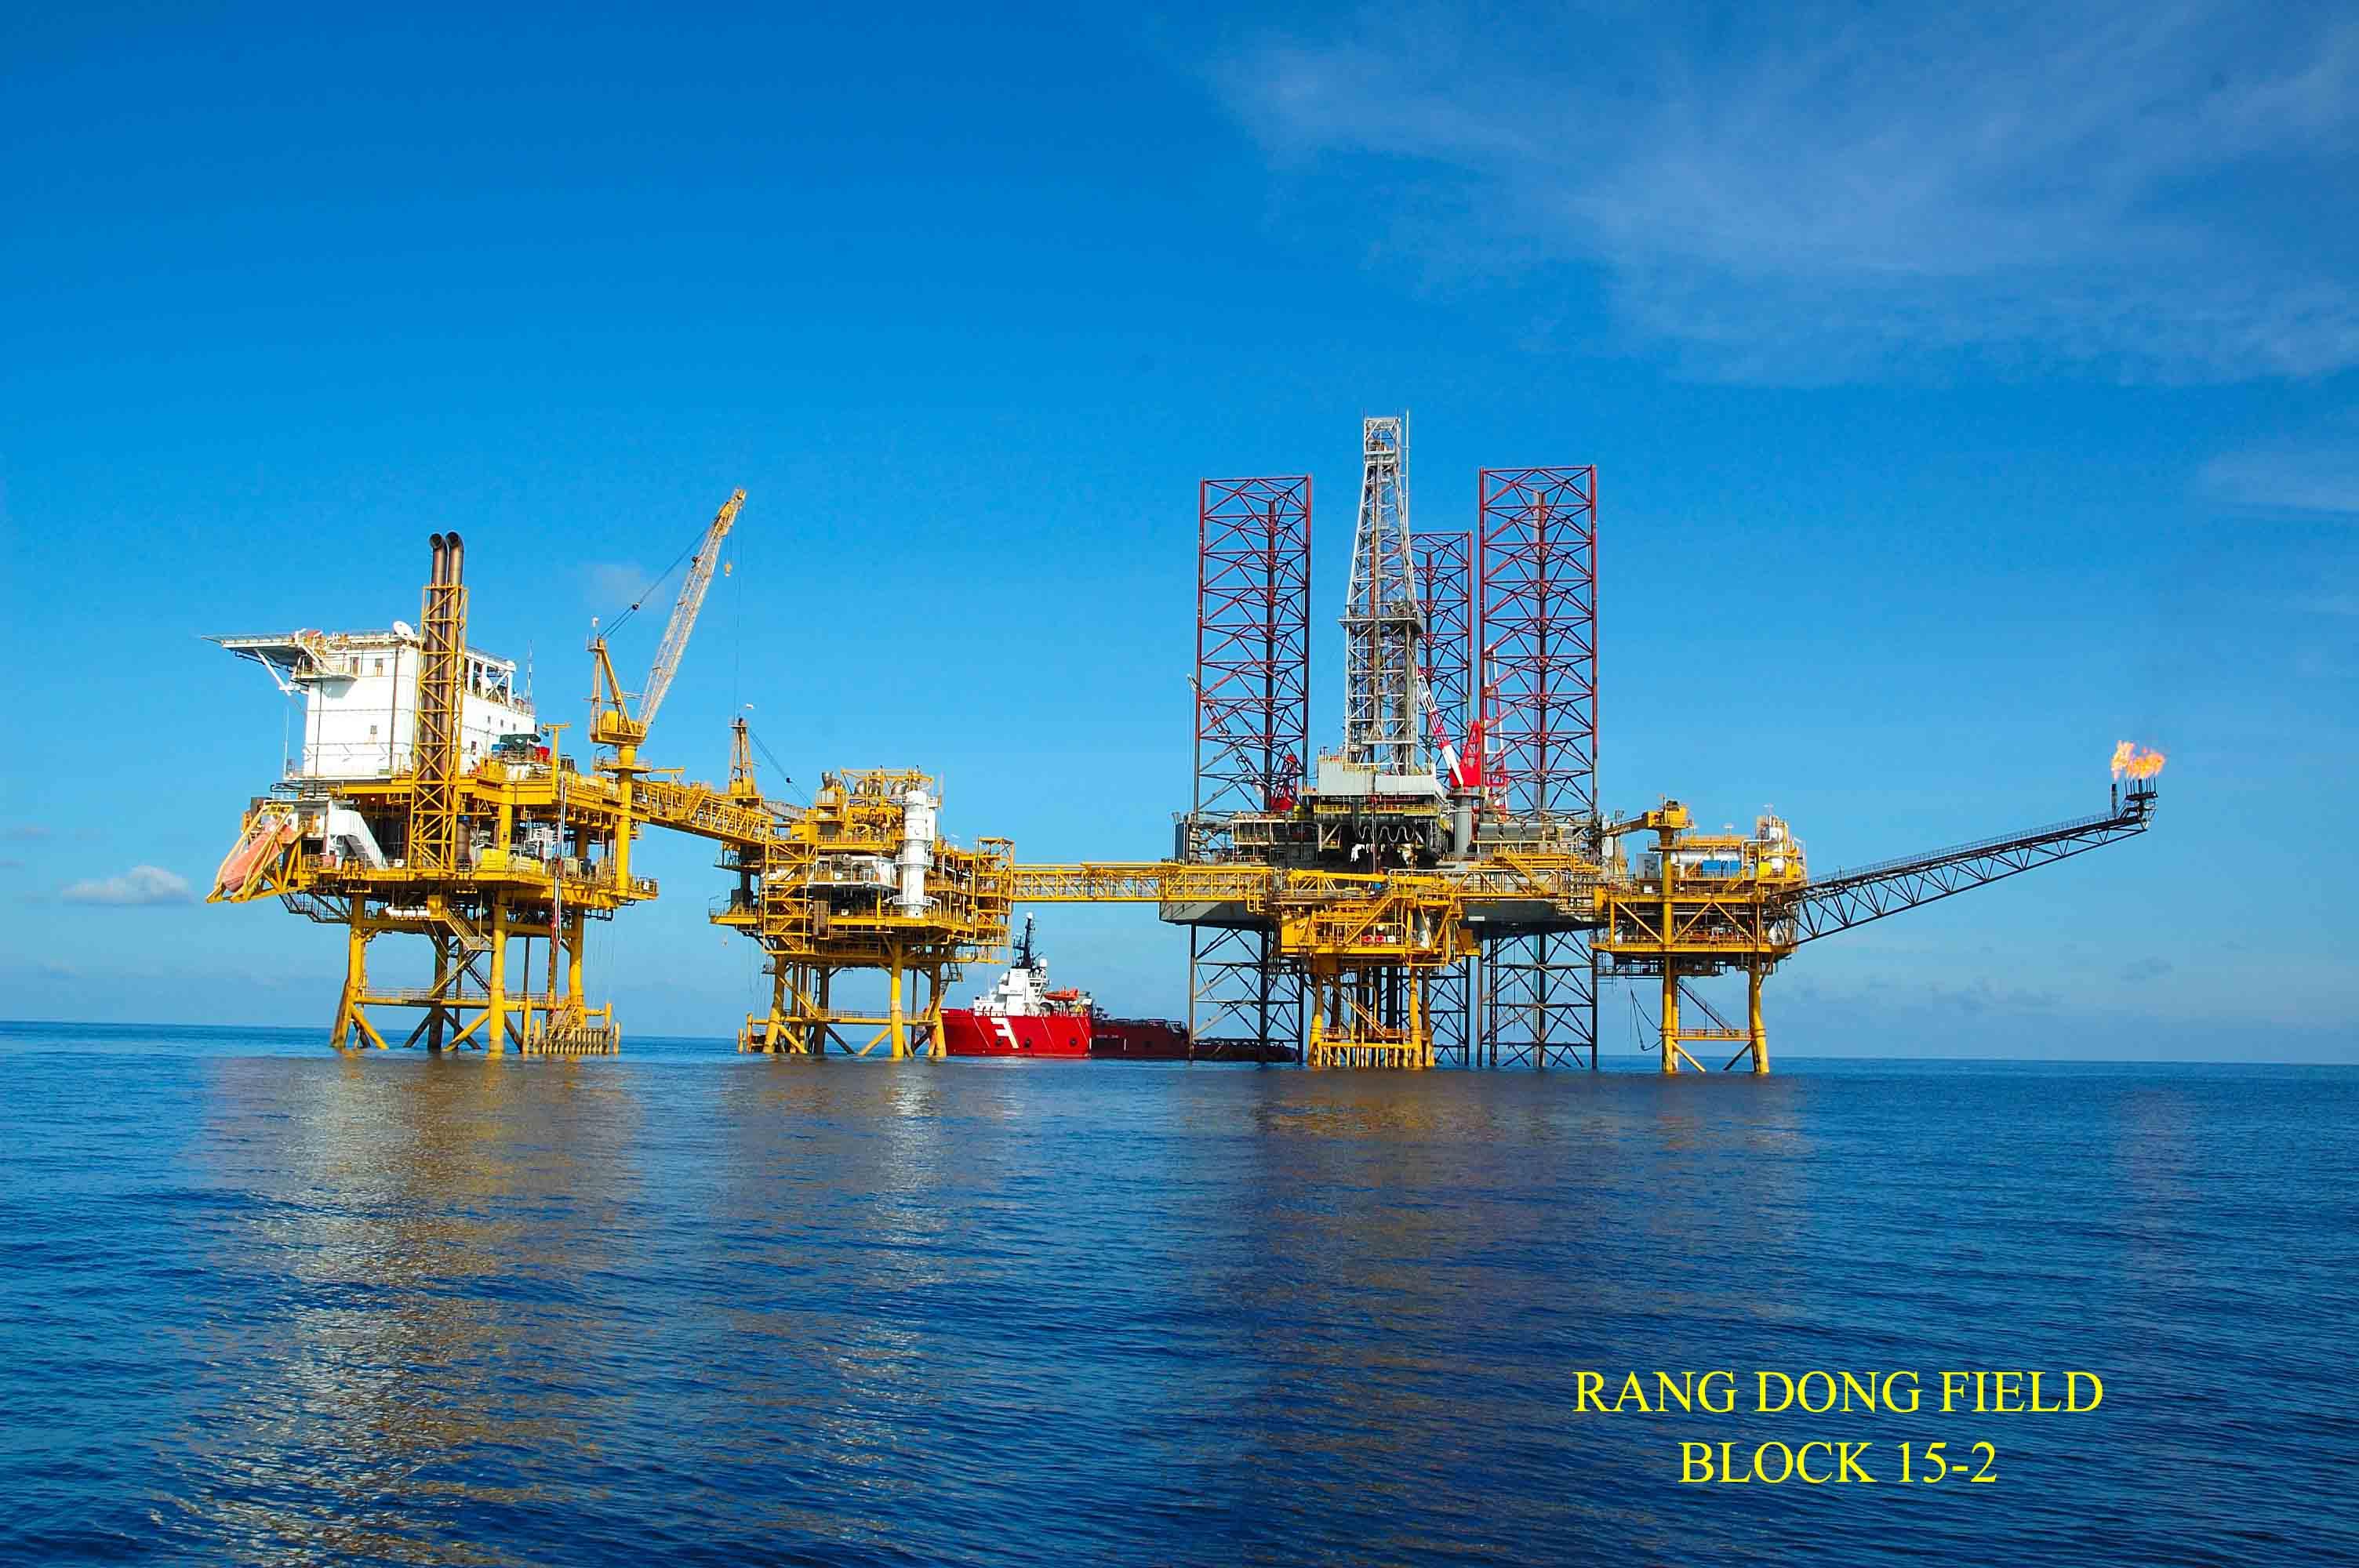 Phó Thủ tướng Trịnh Đình Dũng dự Hội nghị tổng kết công tác năm 2016 của Tập đoàn dầu khí